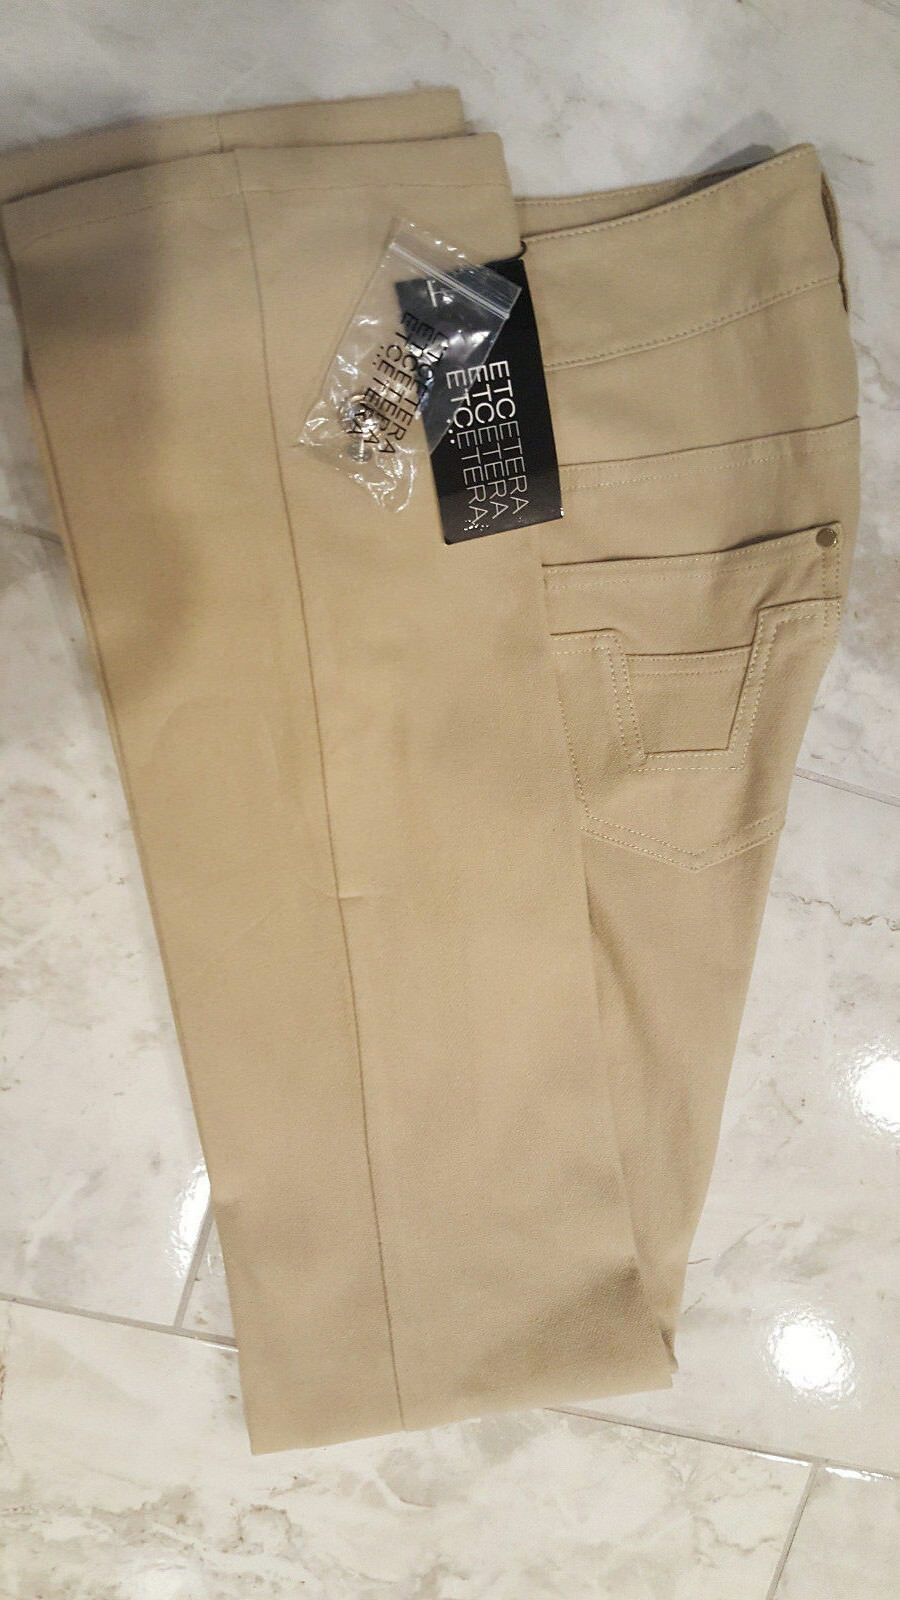 Etcetera Women's Jeans Straight Leg Beige color Denim Size 0 NWT